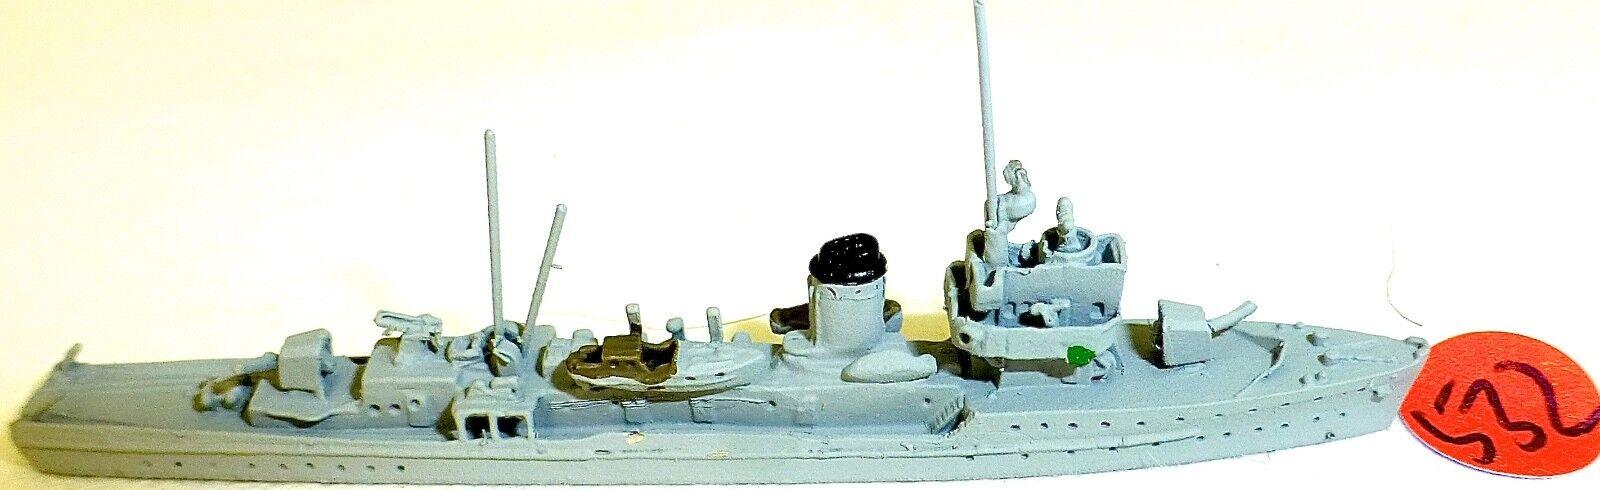 Dragueur de mines neptun 1082a mod è le de bateau 1 1250 shp532 å